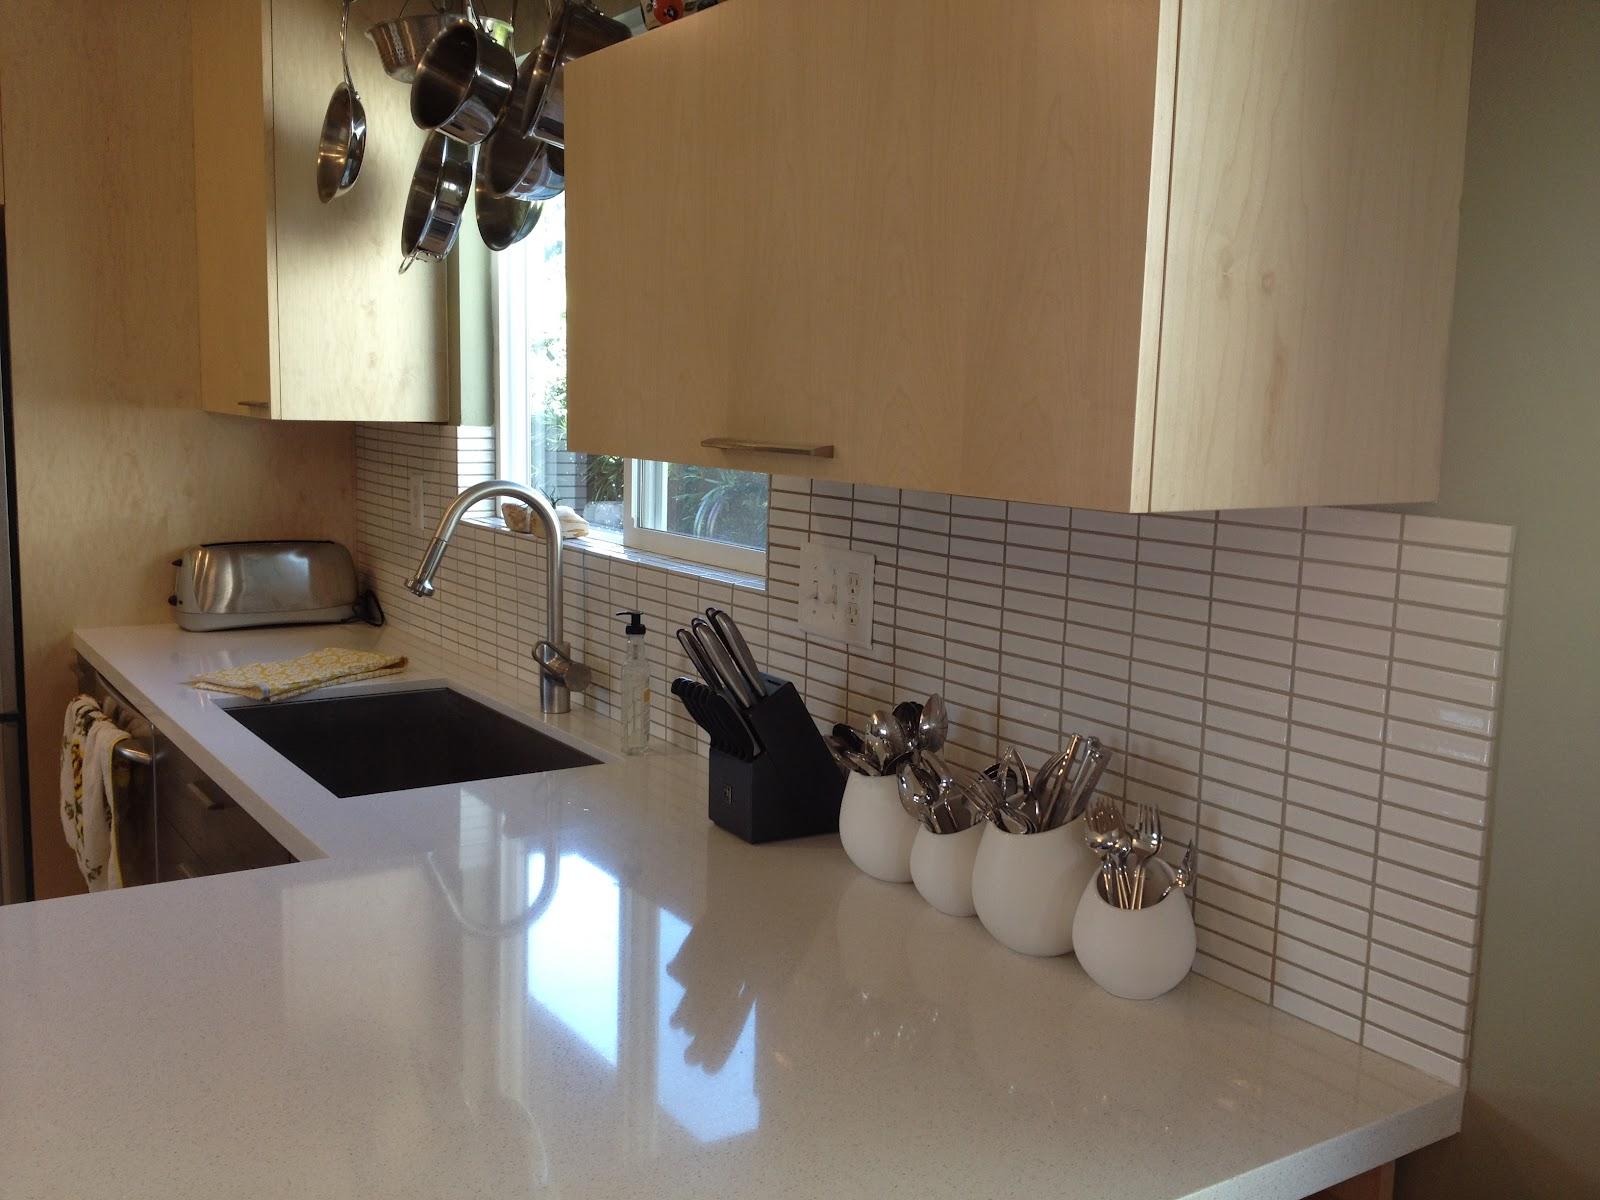 easy install kitchen backsplash ideas - 2017 kitchen design ideas